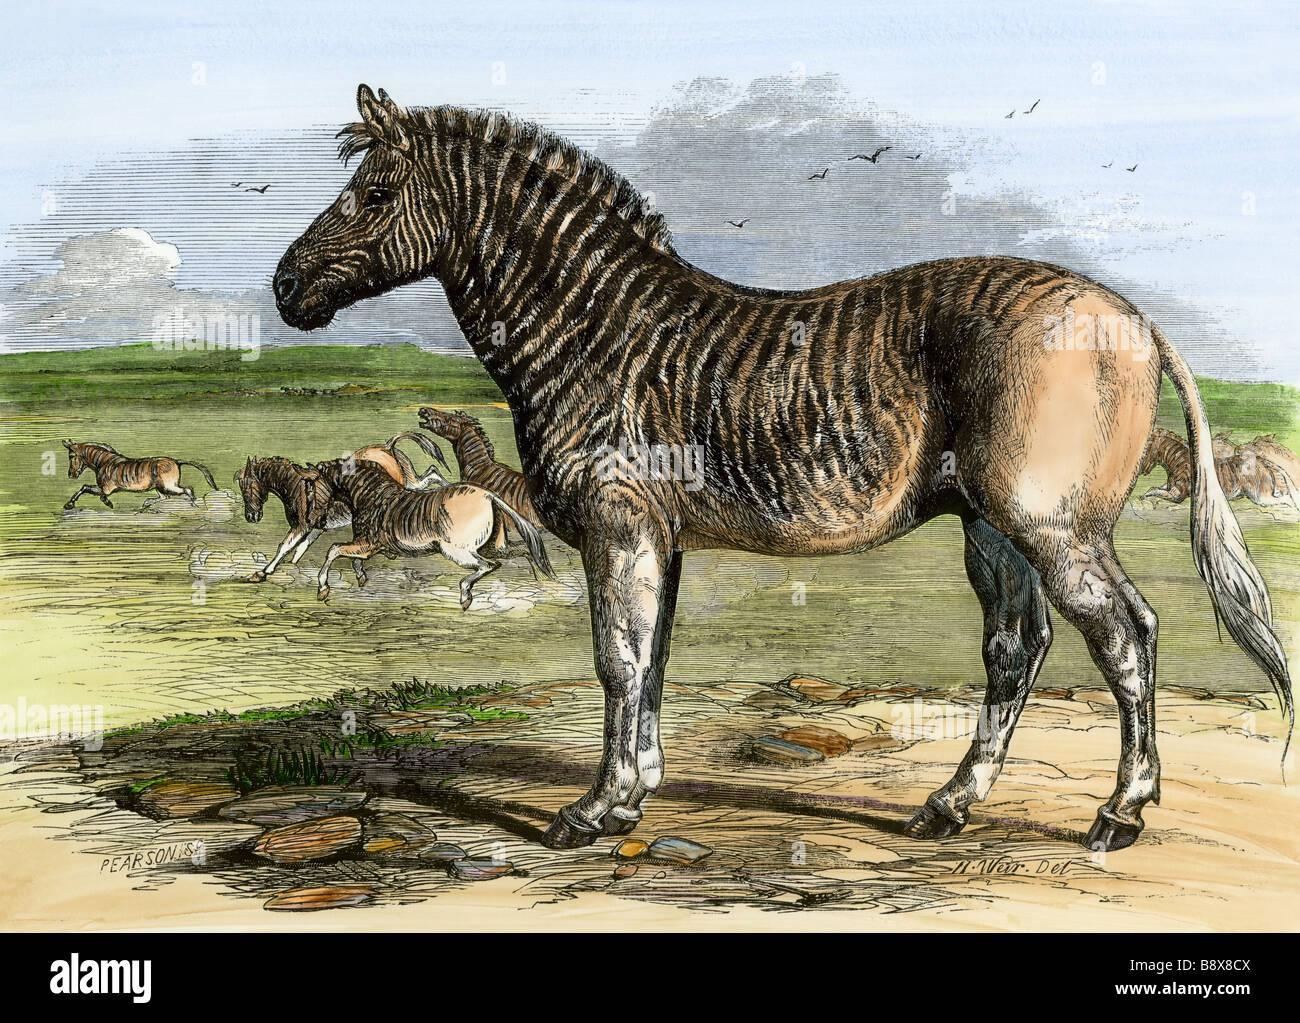 Quagga Sudafricano, ahora extinto, en el Zoo de Londres, 1850. Xilografía coloreada a mano Imagen De Stock